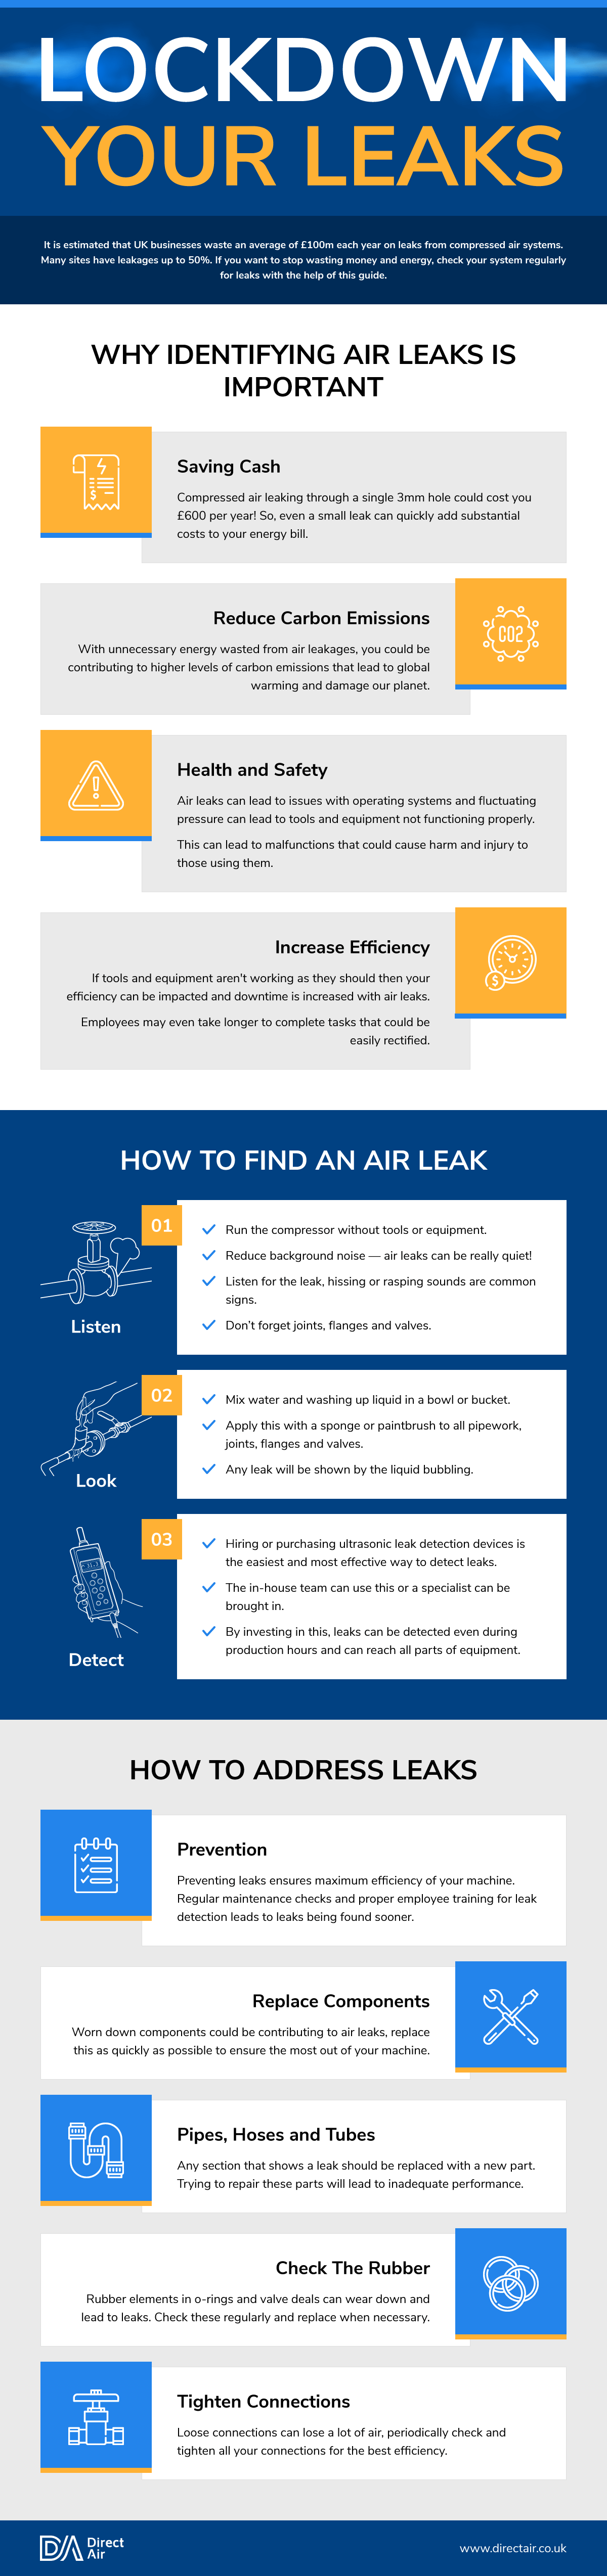 Lockdown_Your_Leaks